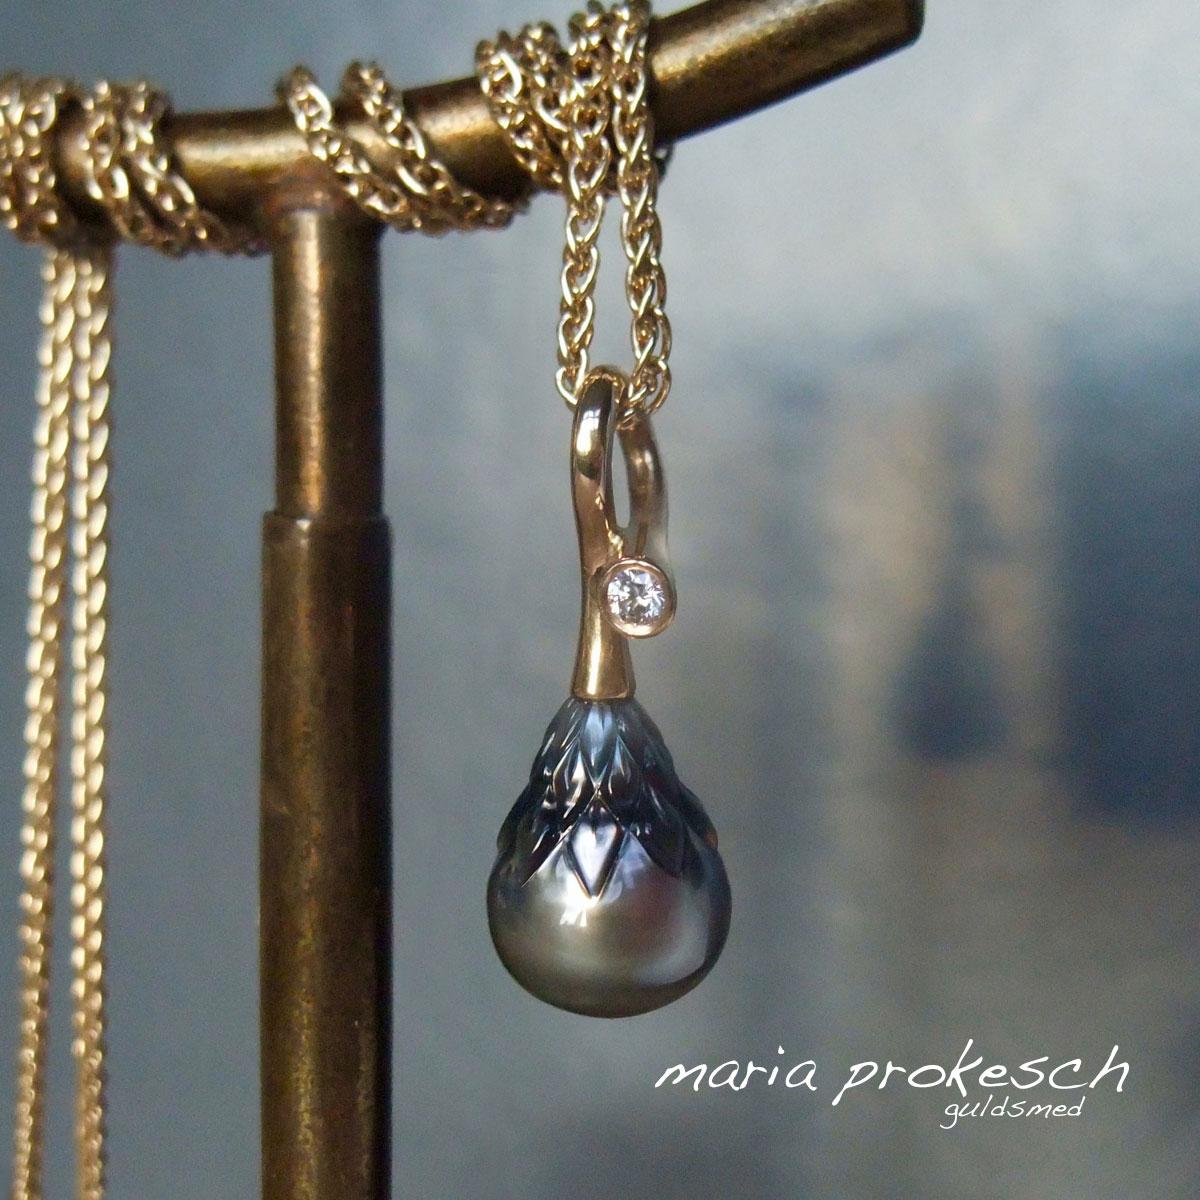 Perlevedhæng i 18 kt guld med grå Tahitiperle, facetteret med mønster i toppen. Enkelt design med diamant